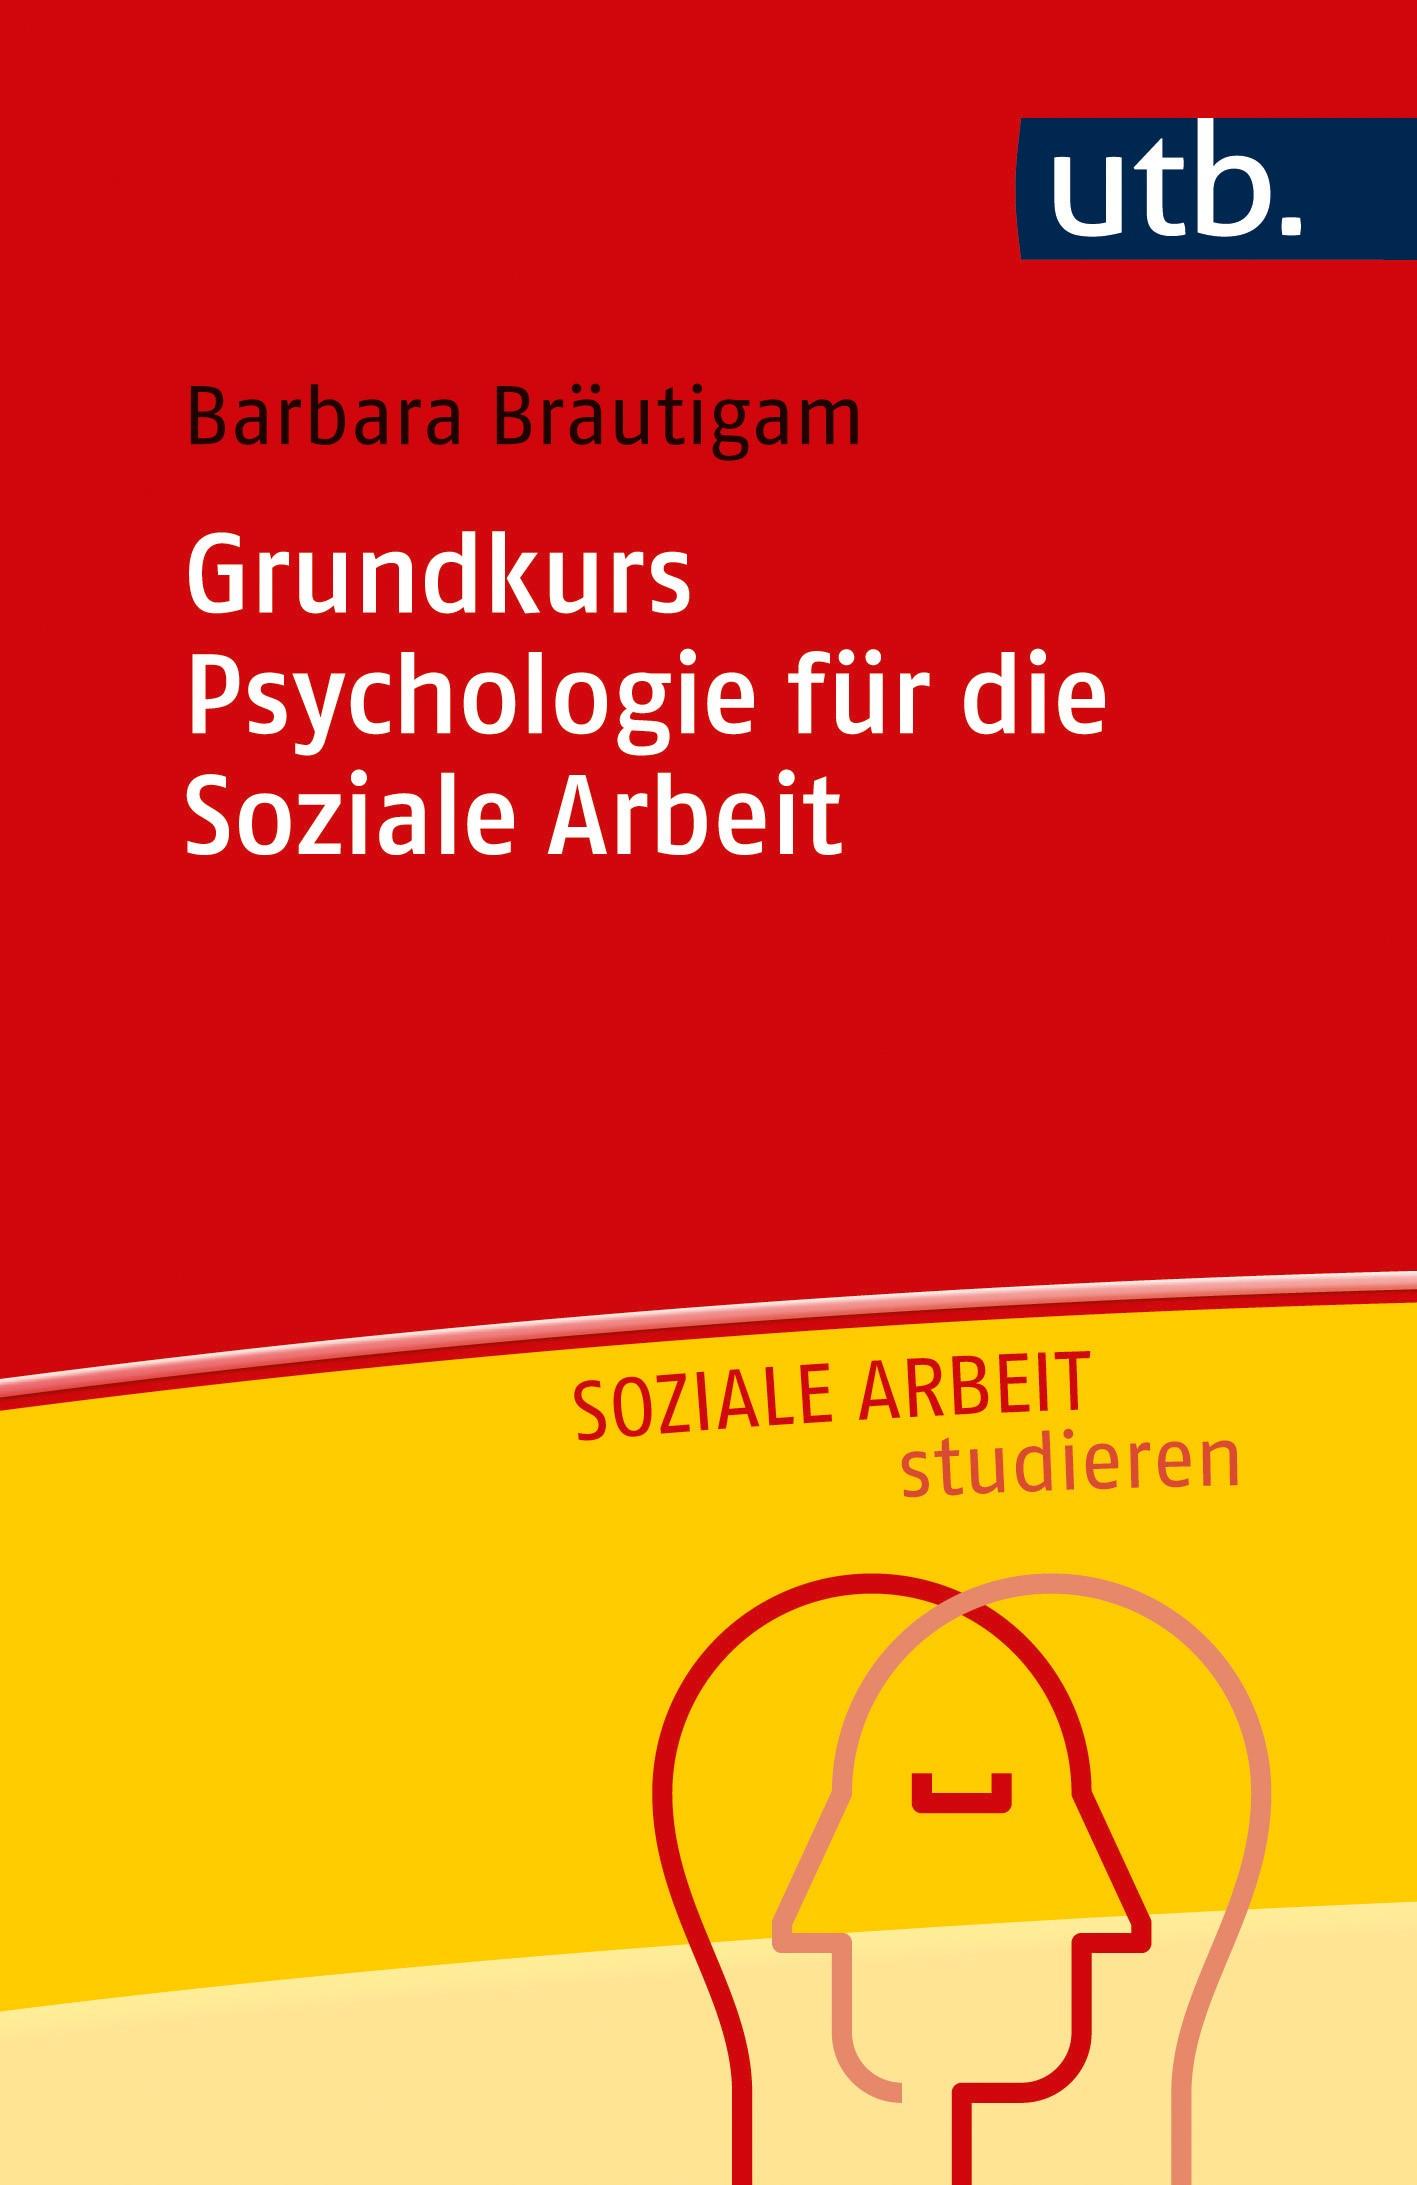 Grundkurs Psychologie für die Soziale Arbeit | Bräutigam, 2018 | Buch (Cover)